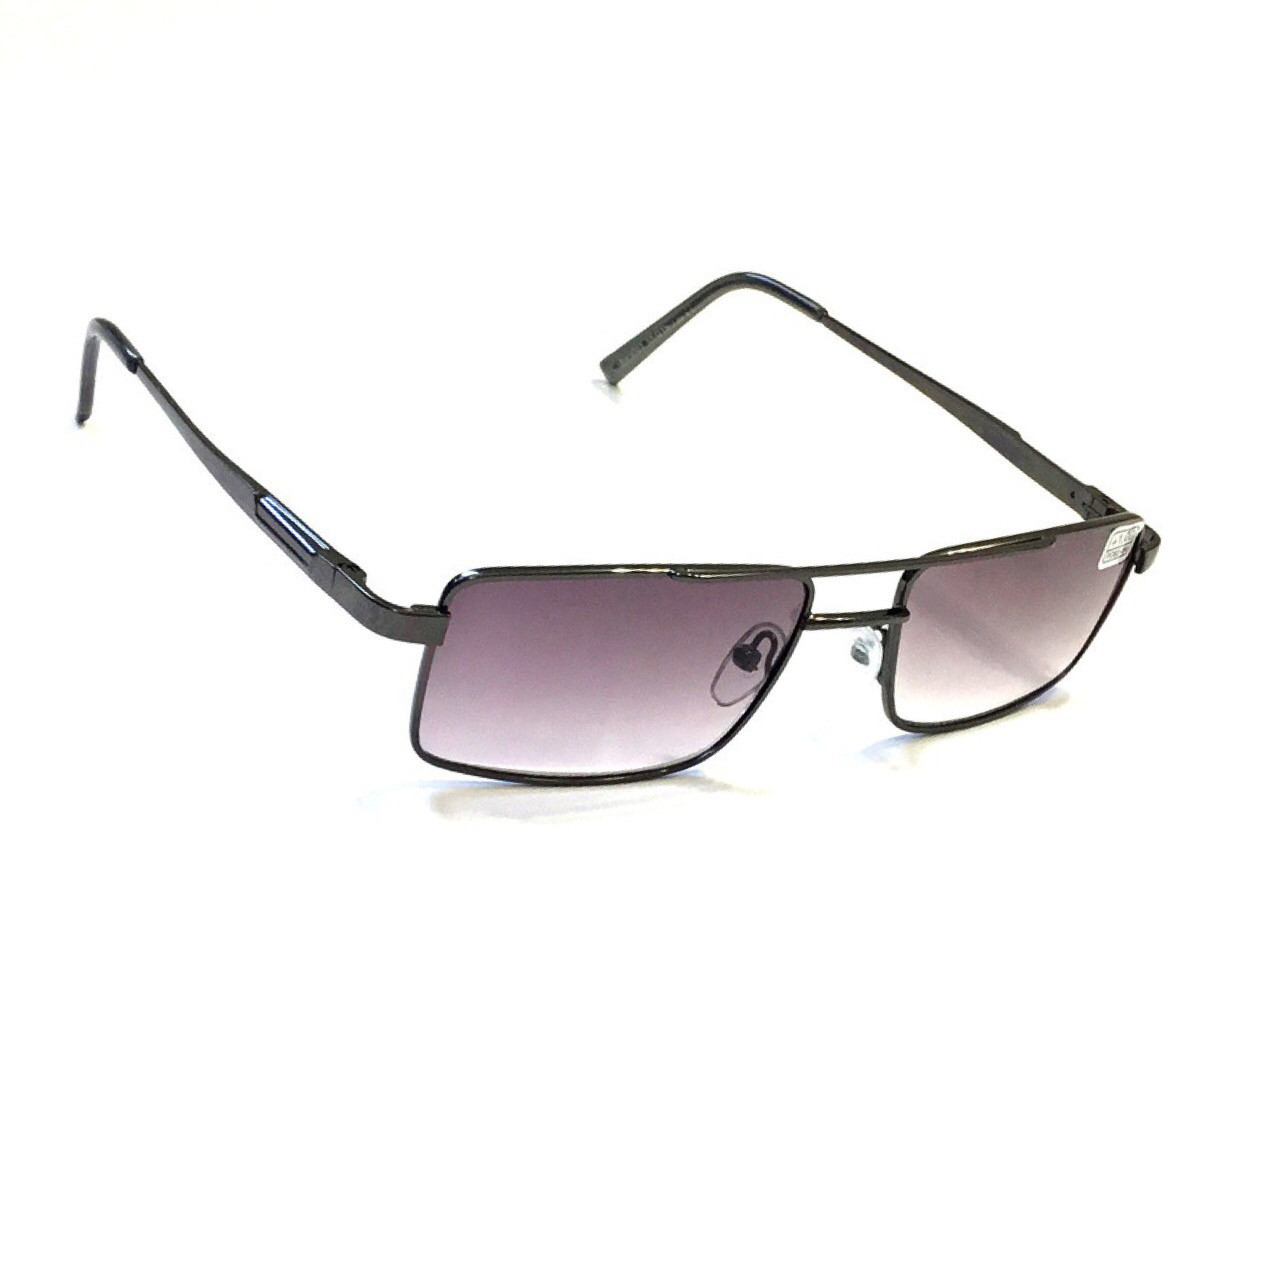 Мужские очки в металлической оправе с тонированной линзой